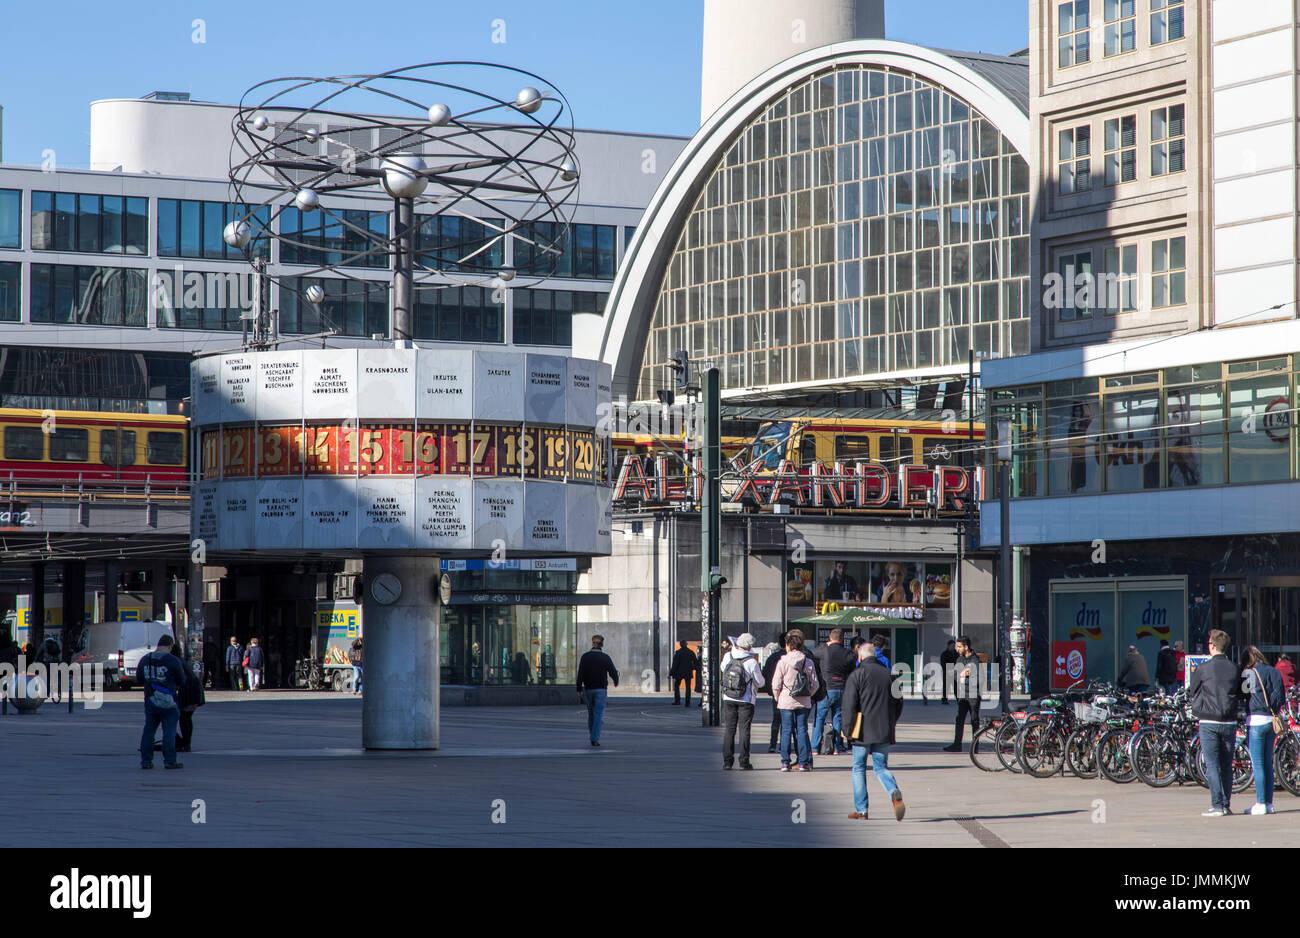 Berlin Deutschland Alexanderplatz Innenstadt Bezirk Mitte Berliner Fernsehturm Urania Weltzeituhr Bahnhof Stockfotografie Alamy